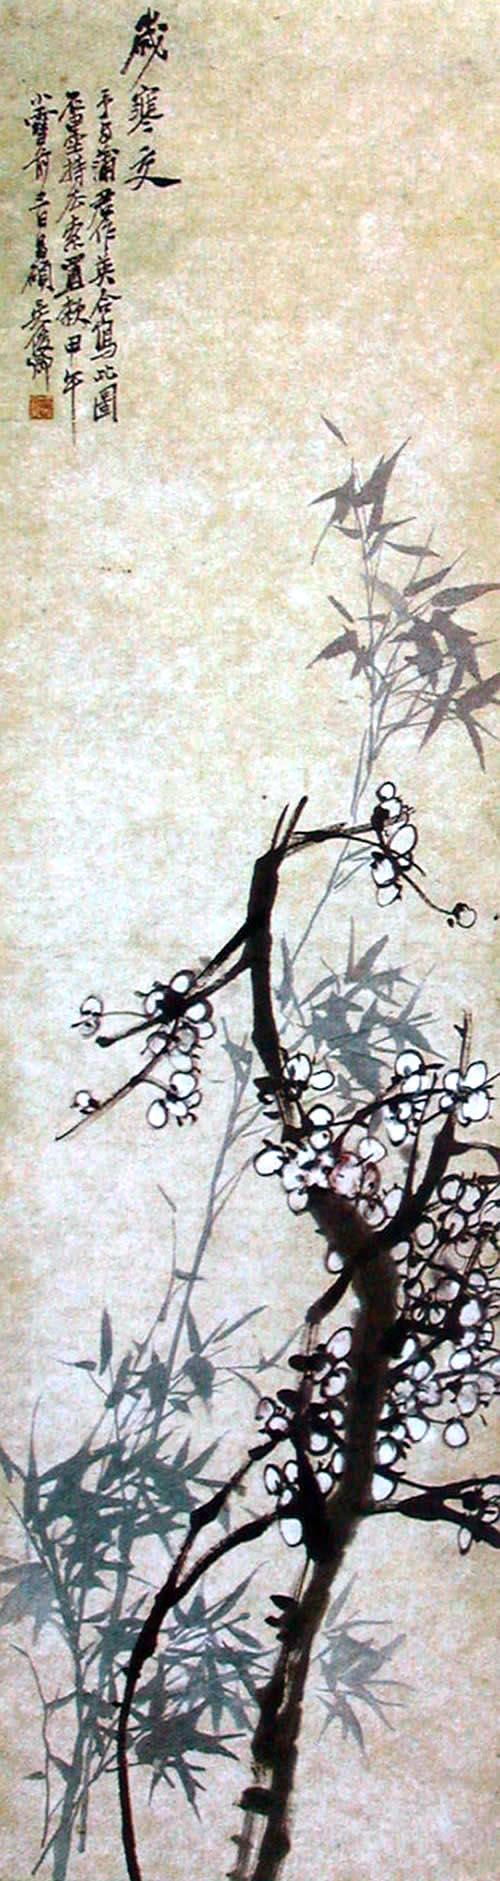 Цветы. Художник У Чаншо. 1890 г. Фото с secretchina.com